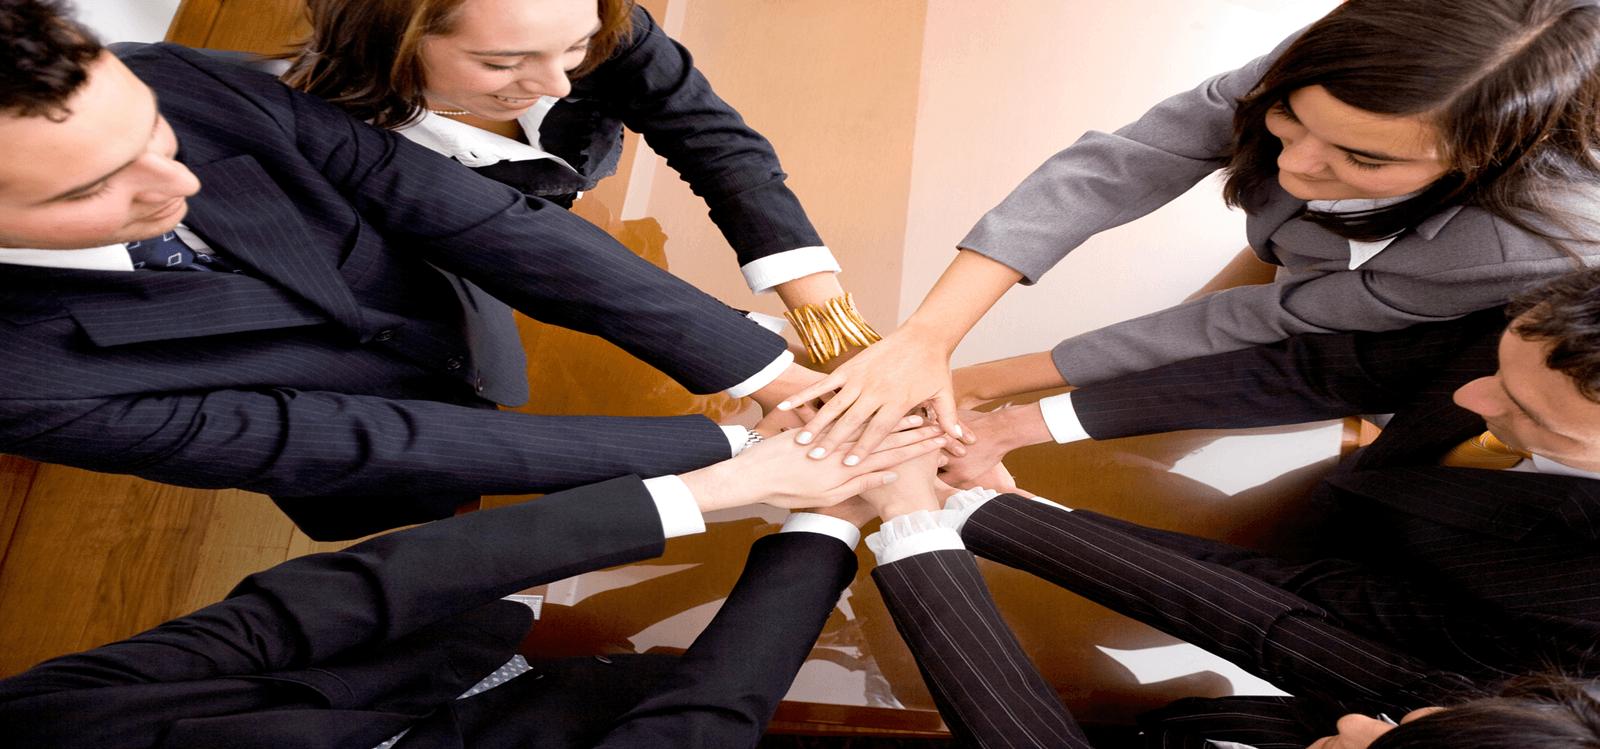 Trabajo en equipo: todos a una